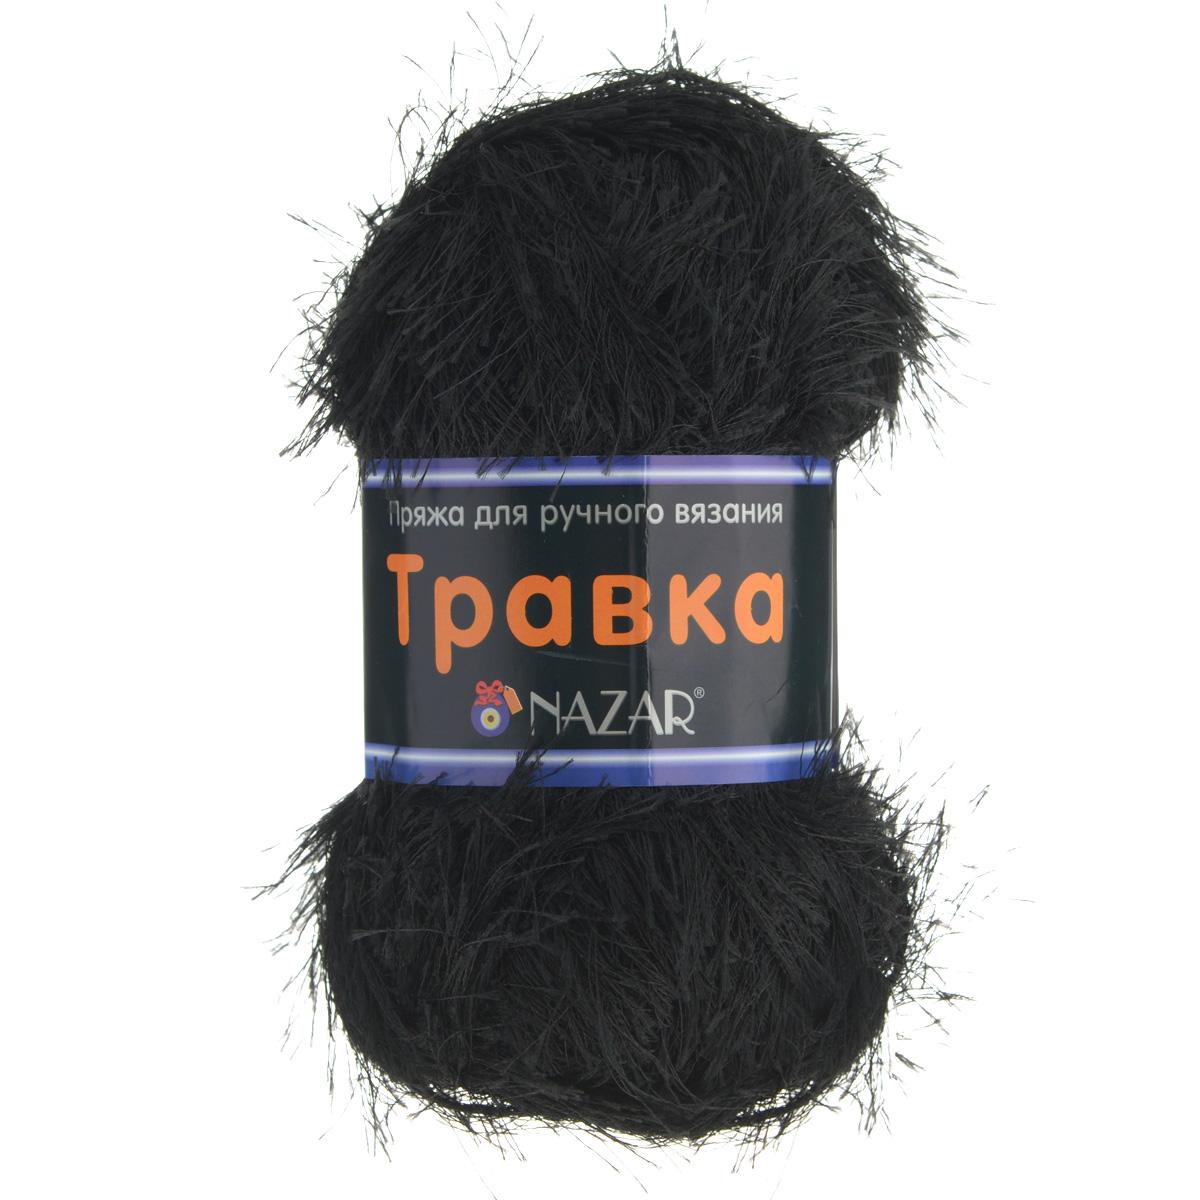 пряжа из меха норки для вязания купить